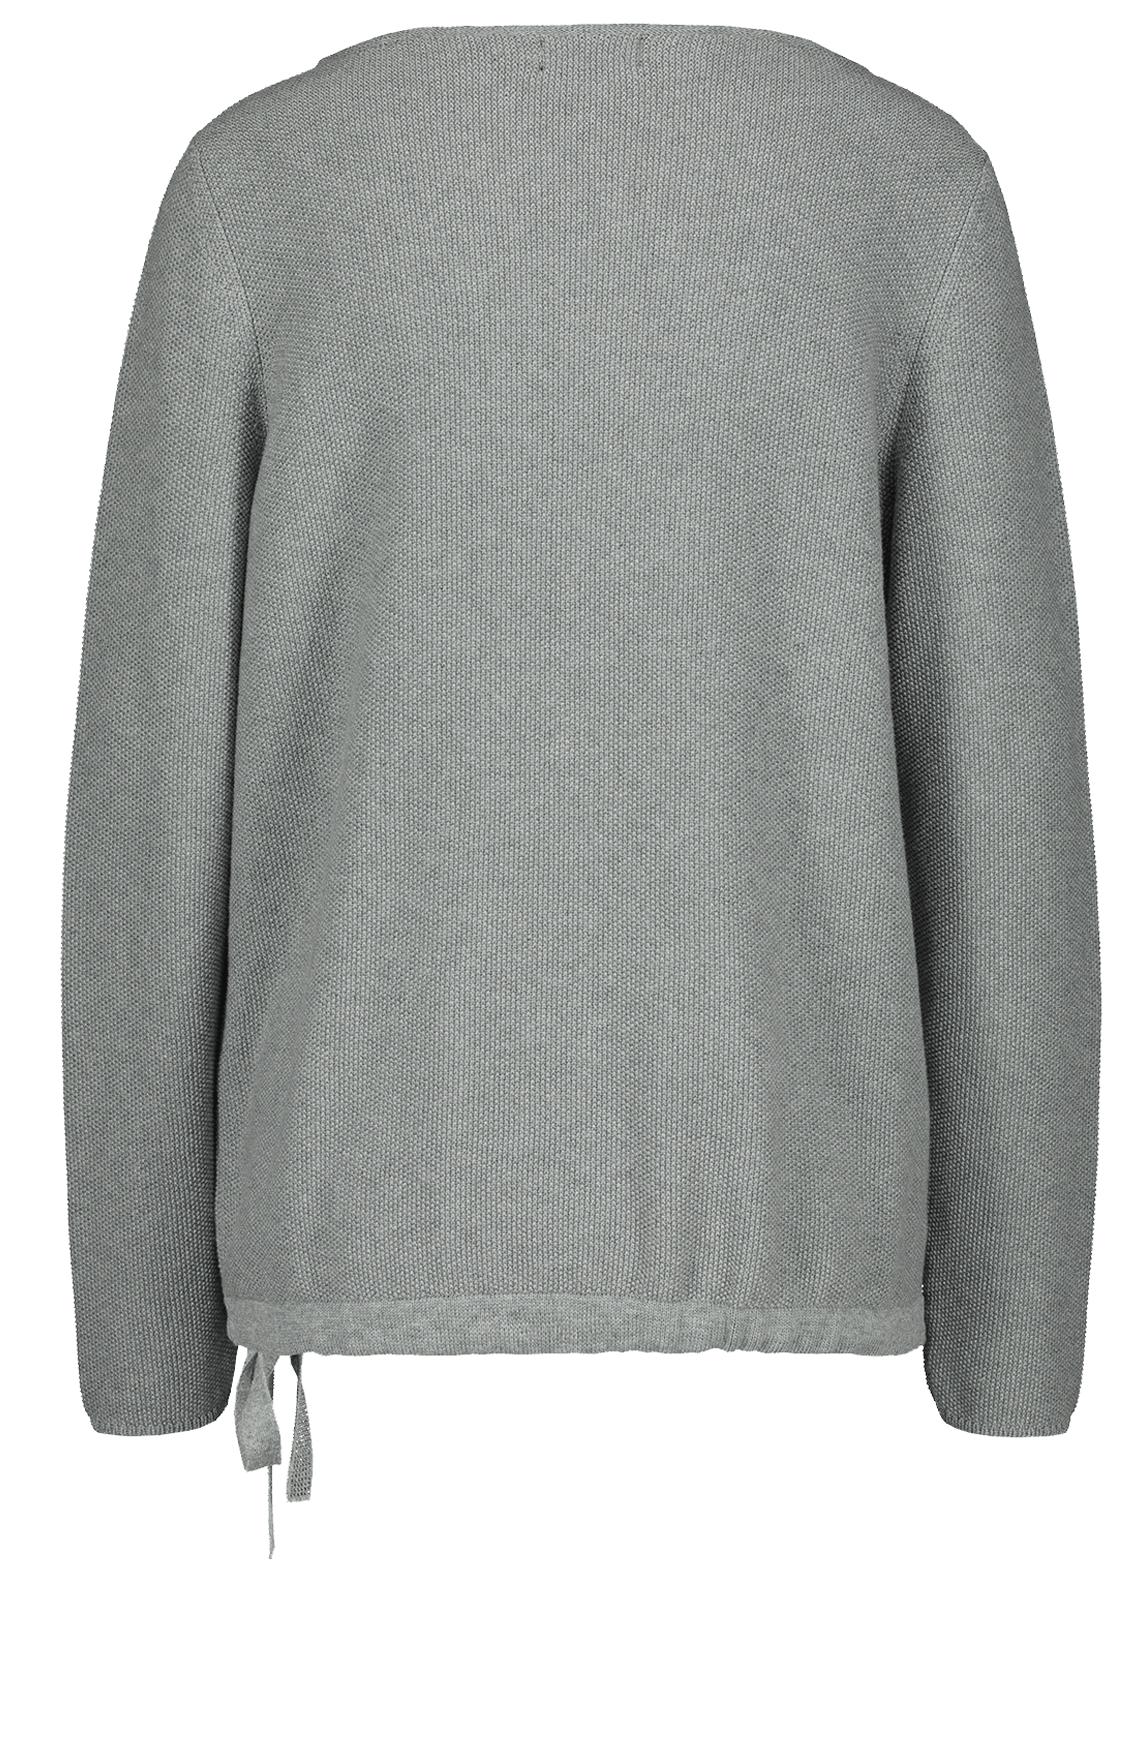 Monari Dames Pullover met koord Grijs